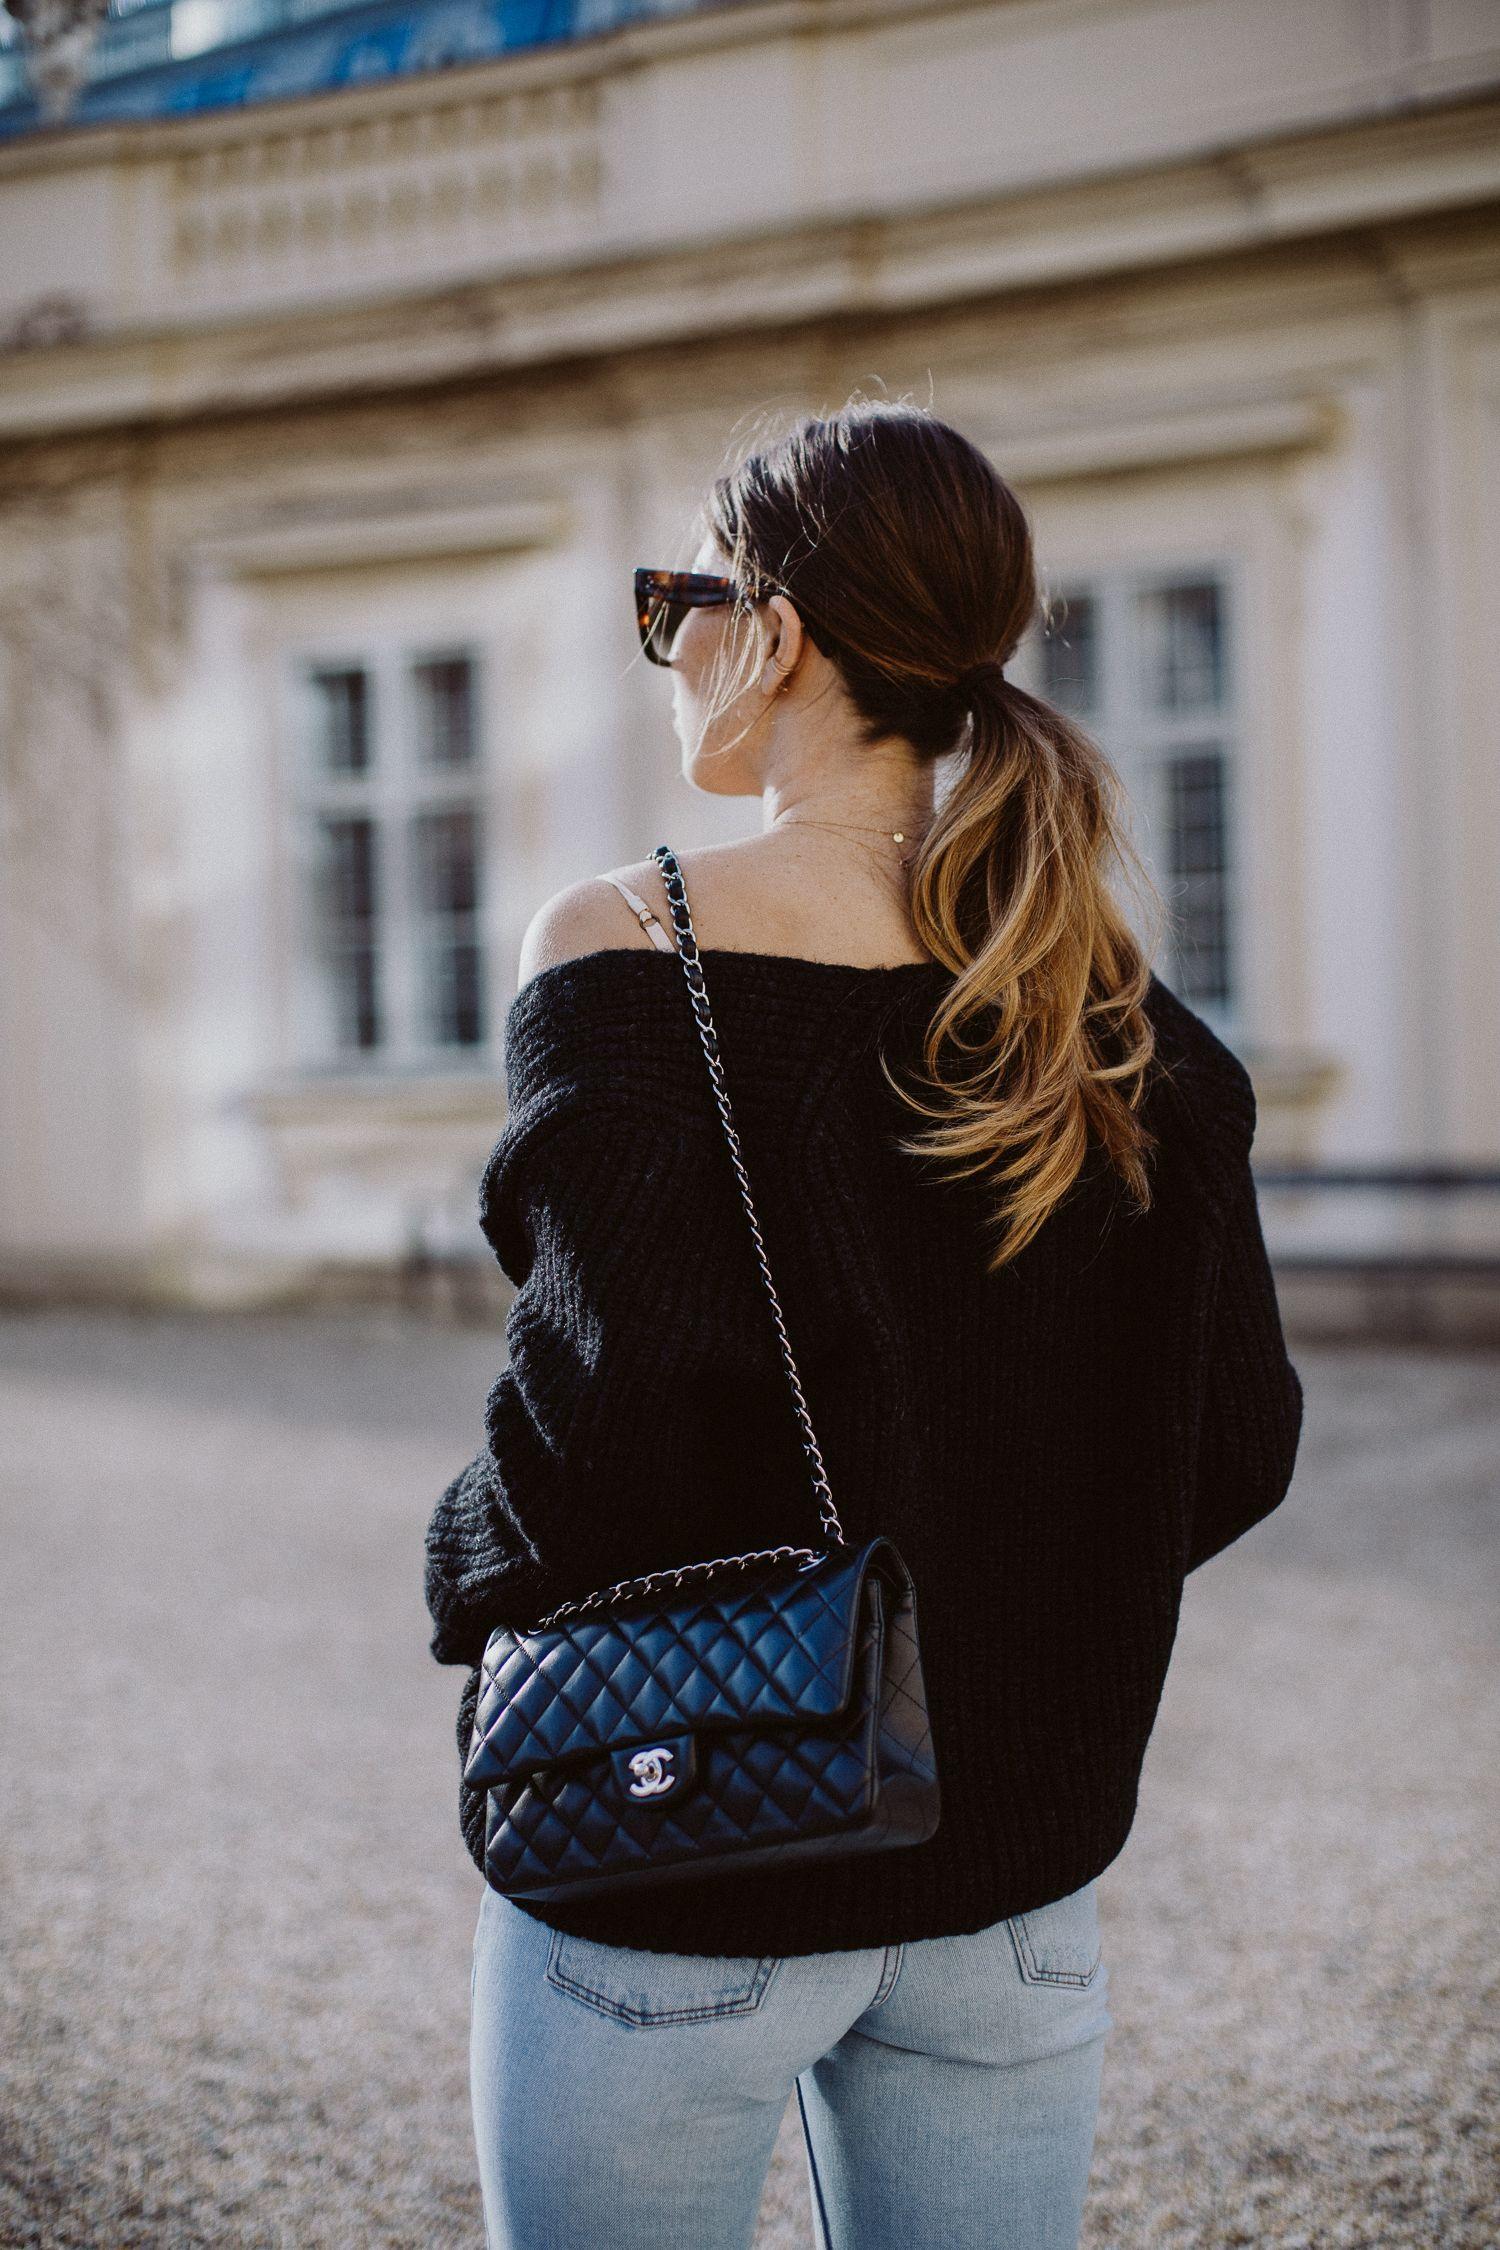 cô gái mặc áo đen tóc đuôi ngựa đeo túi Chanel classic flap bag